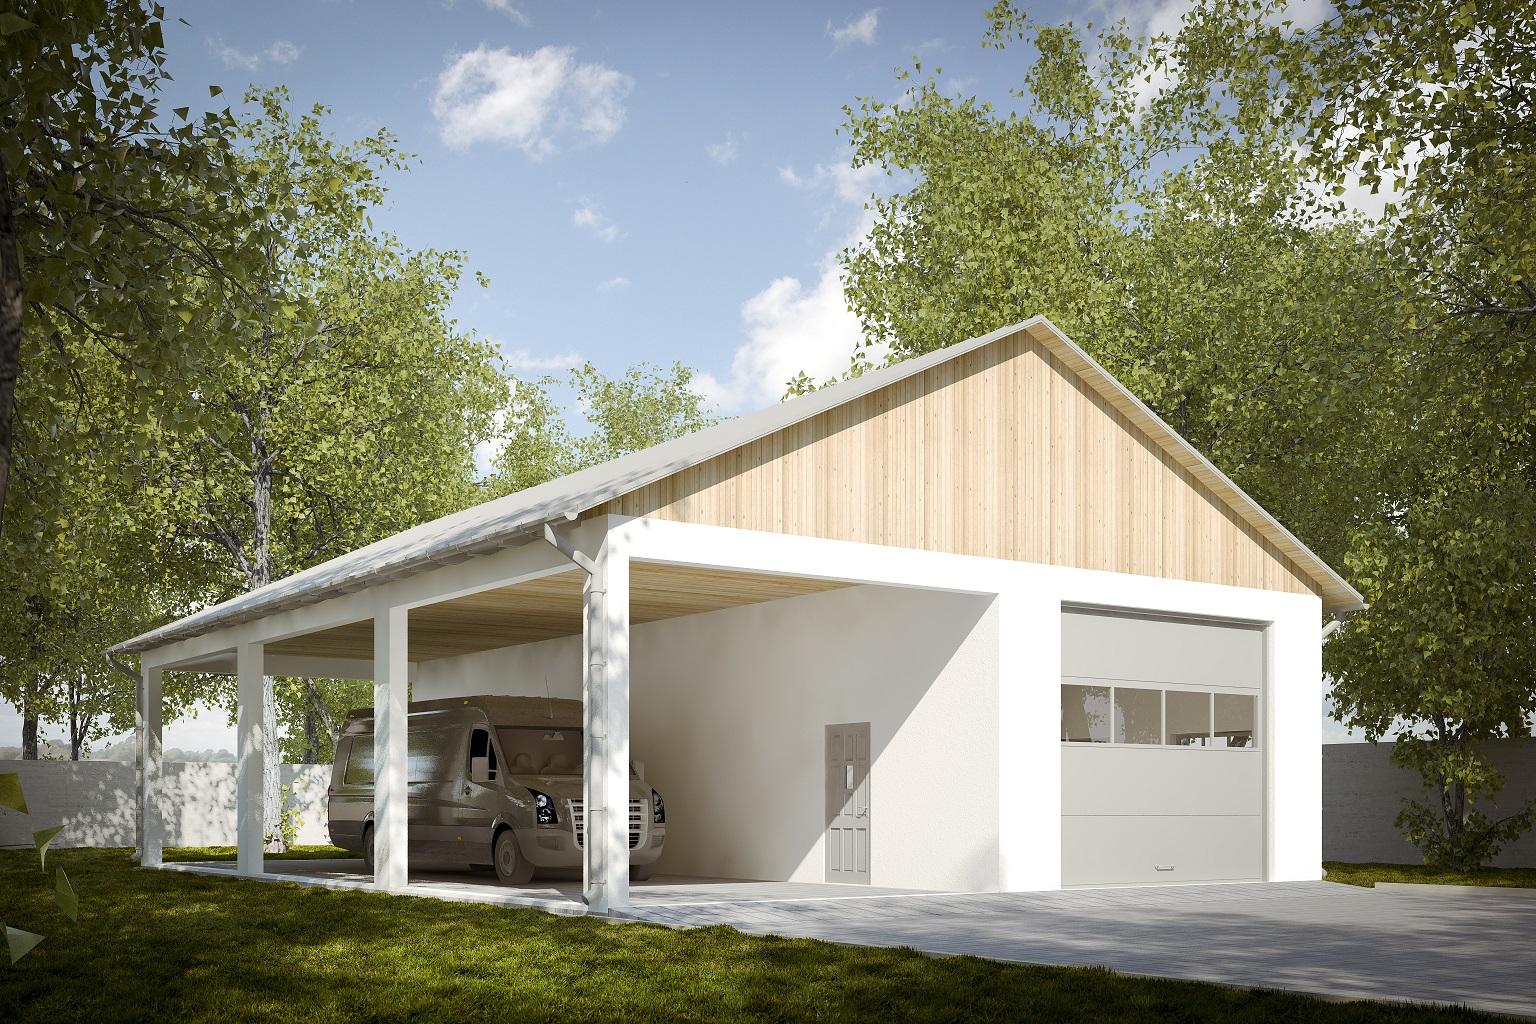 проект гаража из газосиликатных блоков